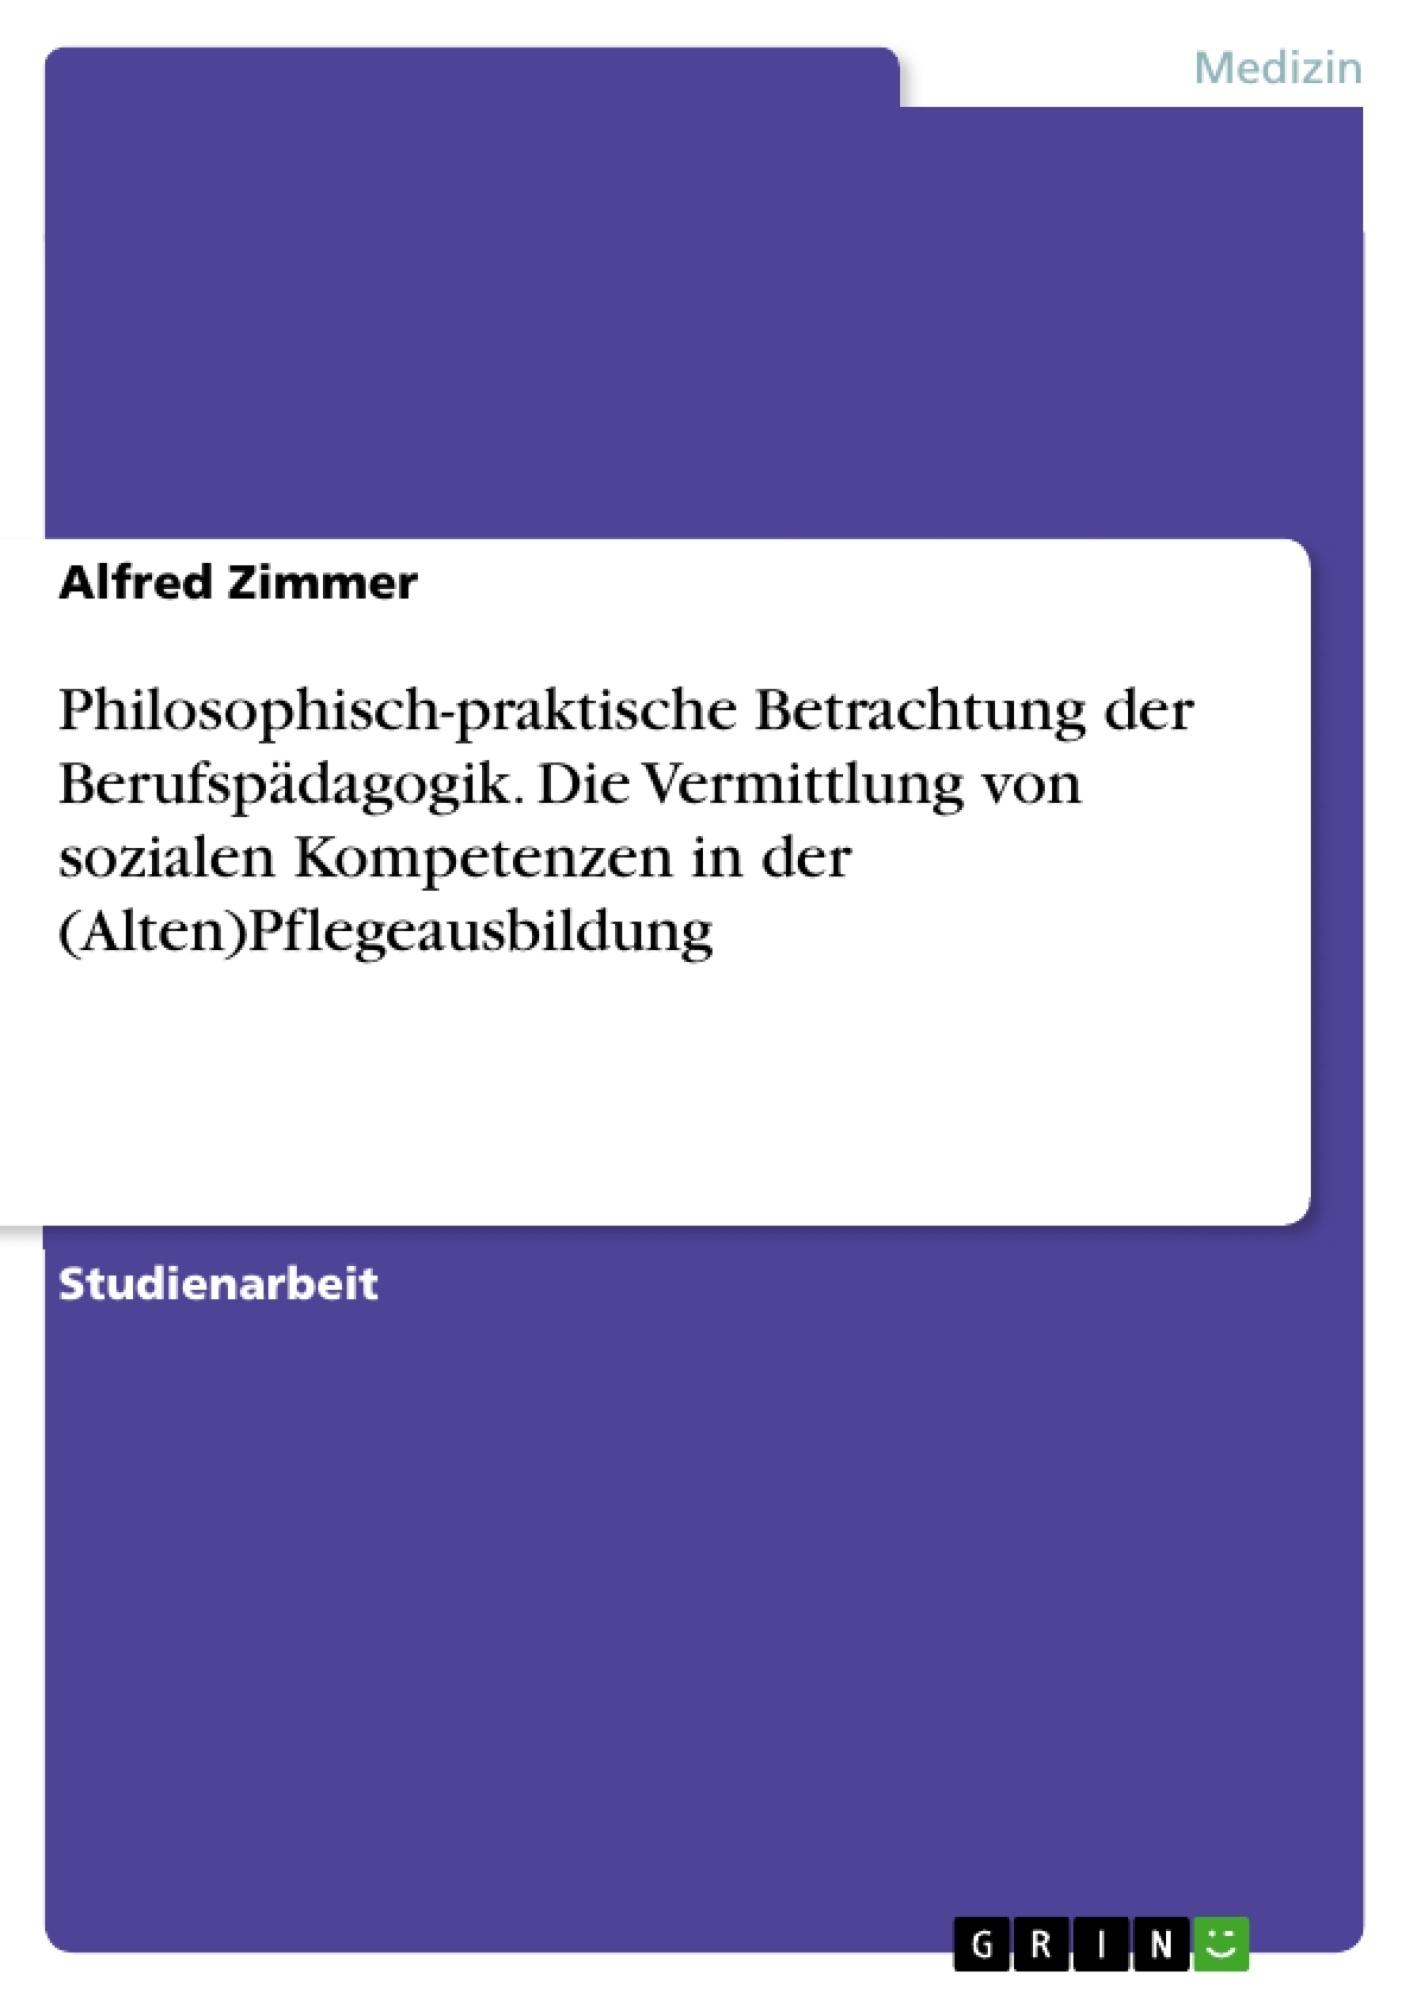 Titel: Philosophisch-praktische Betrachtung der Berufspädagogik. Die Vermittlung von sozialen Kompetenzen in der (Alten)Pflegeausbildung